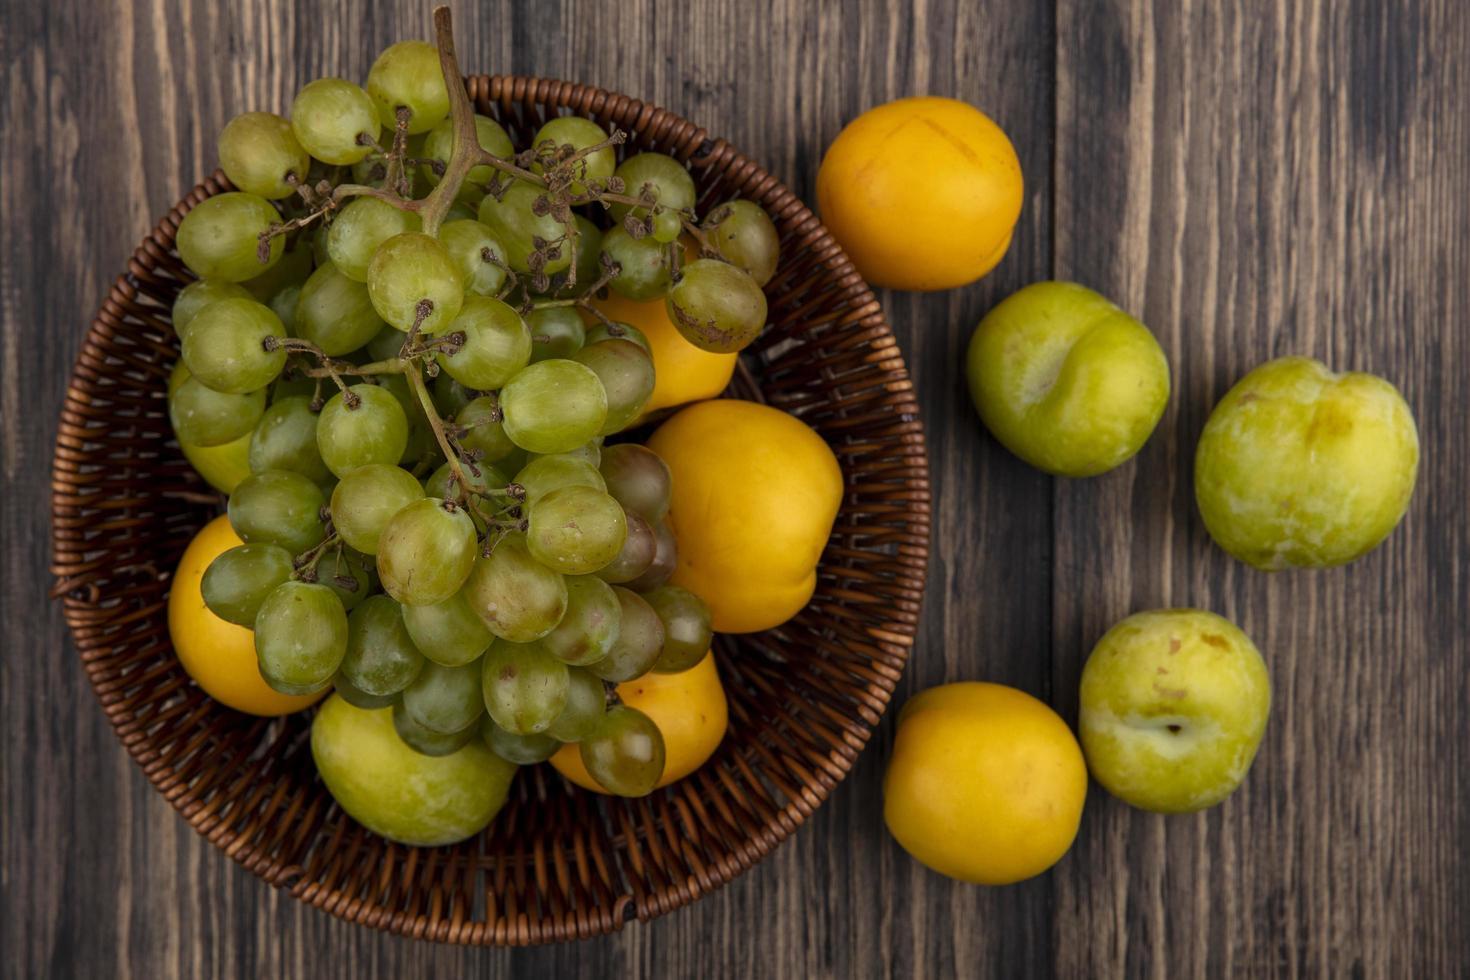 sortierte Frucht in einem Korb auf hölzernem Hintergrund foto